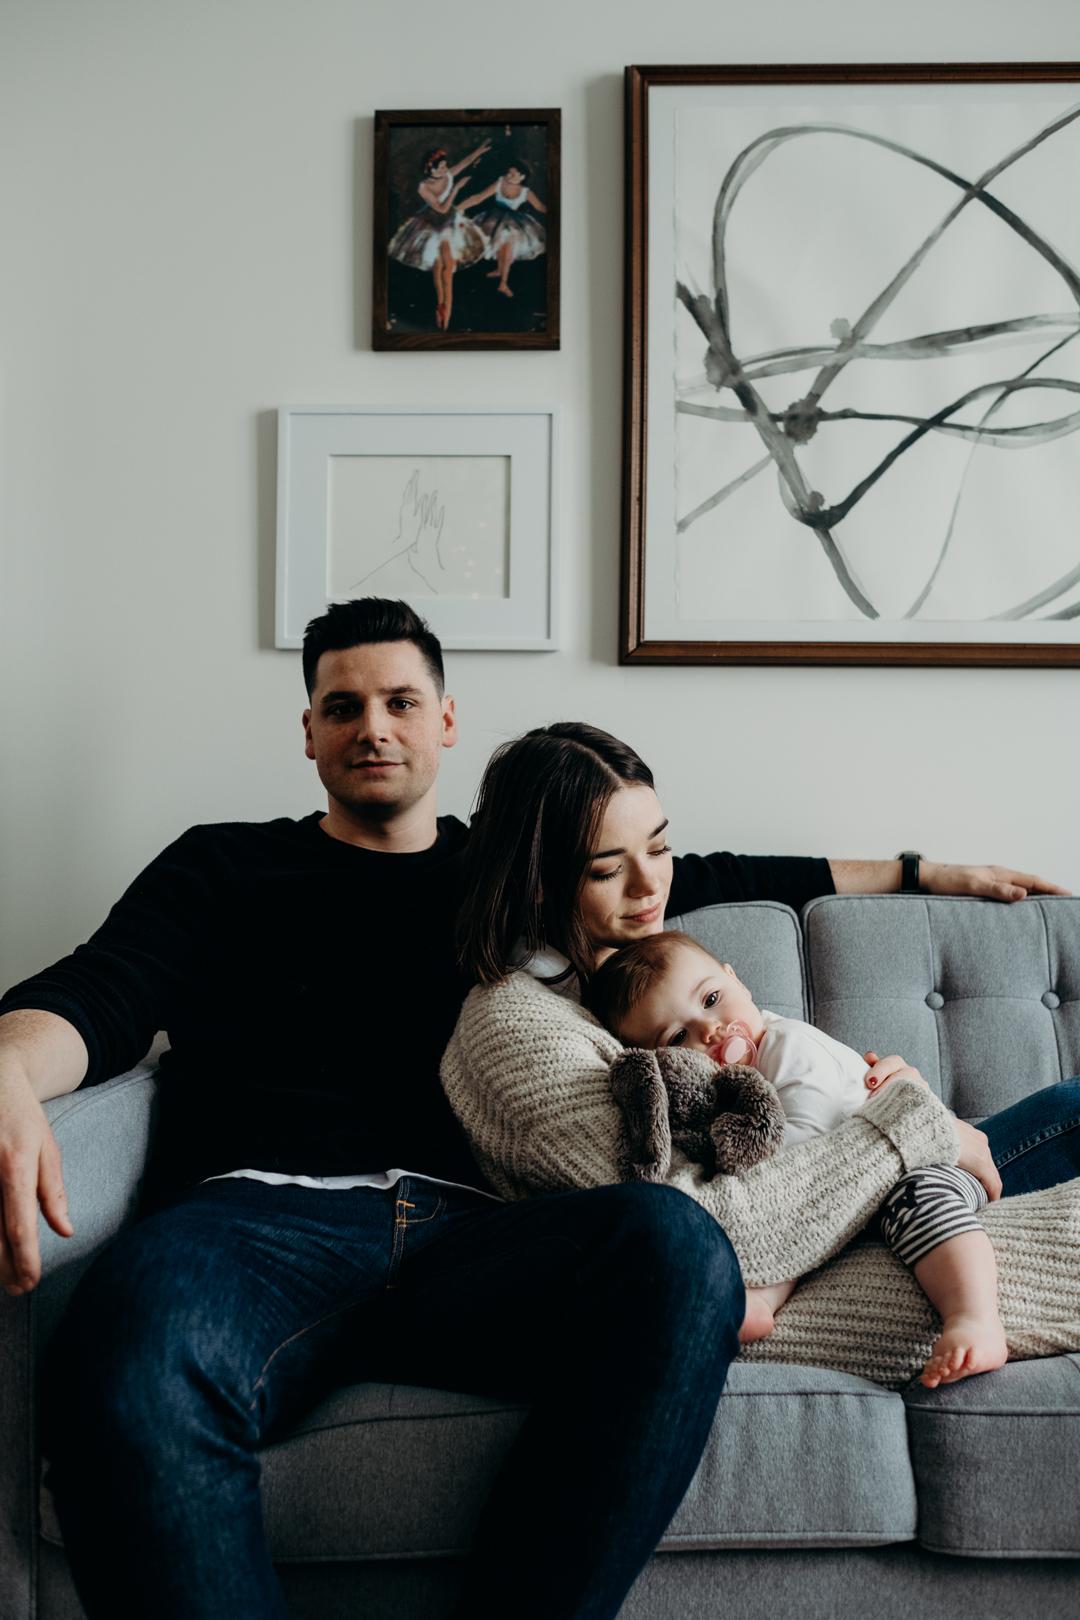 20171222_Ottawa Ontario Canada Lifestlyle Family Photos _45.jpg